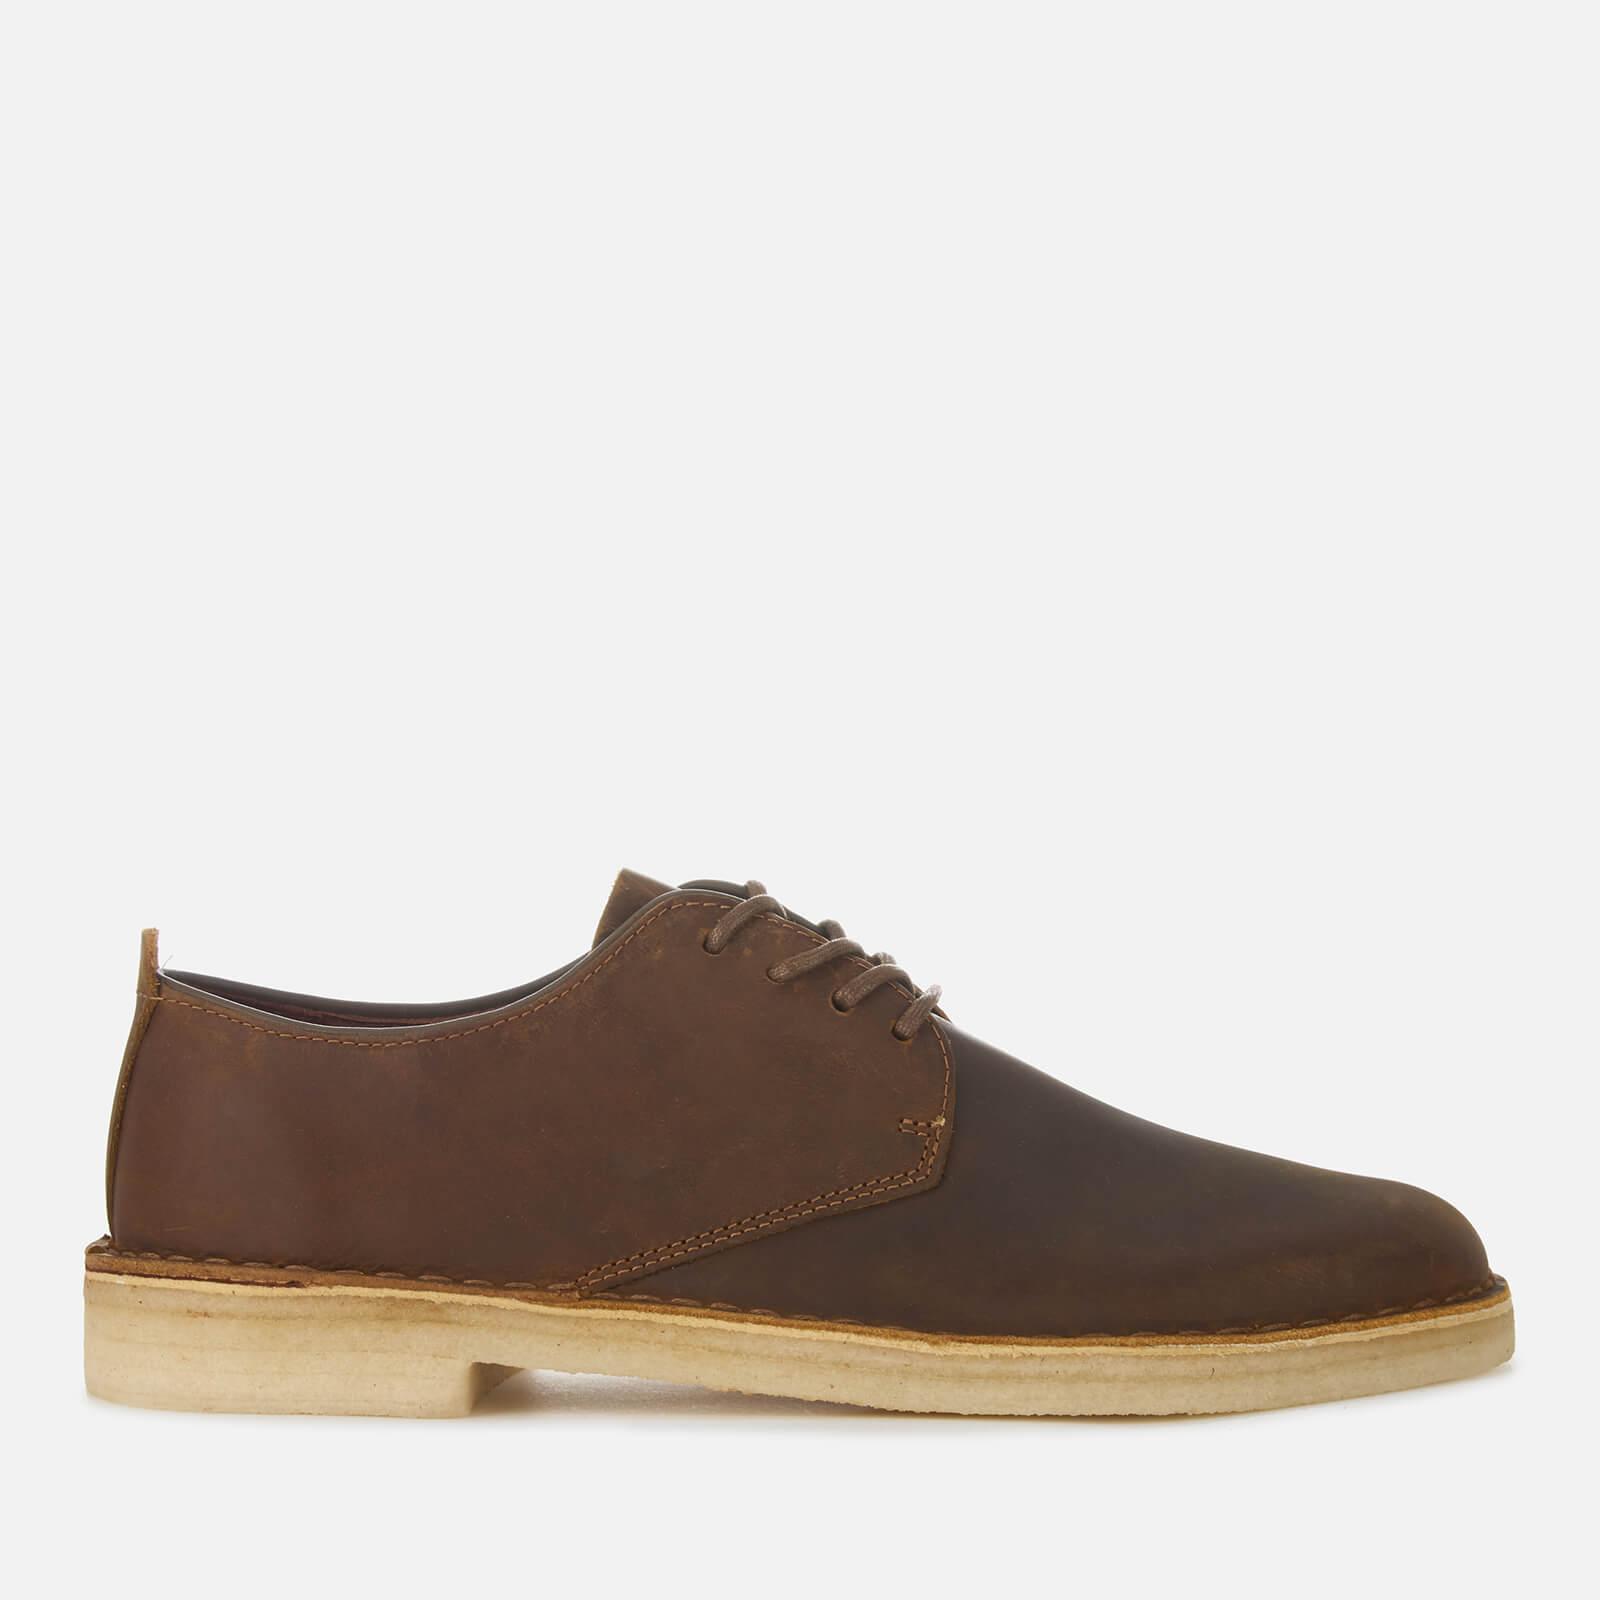 Clarks Originals Men's Desert London Shoes - Beeswax - UK 7 - Brown